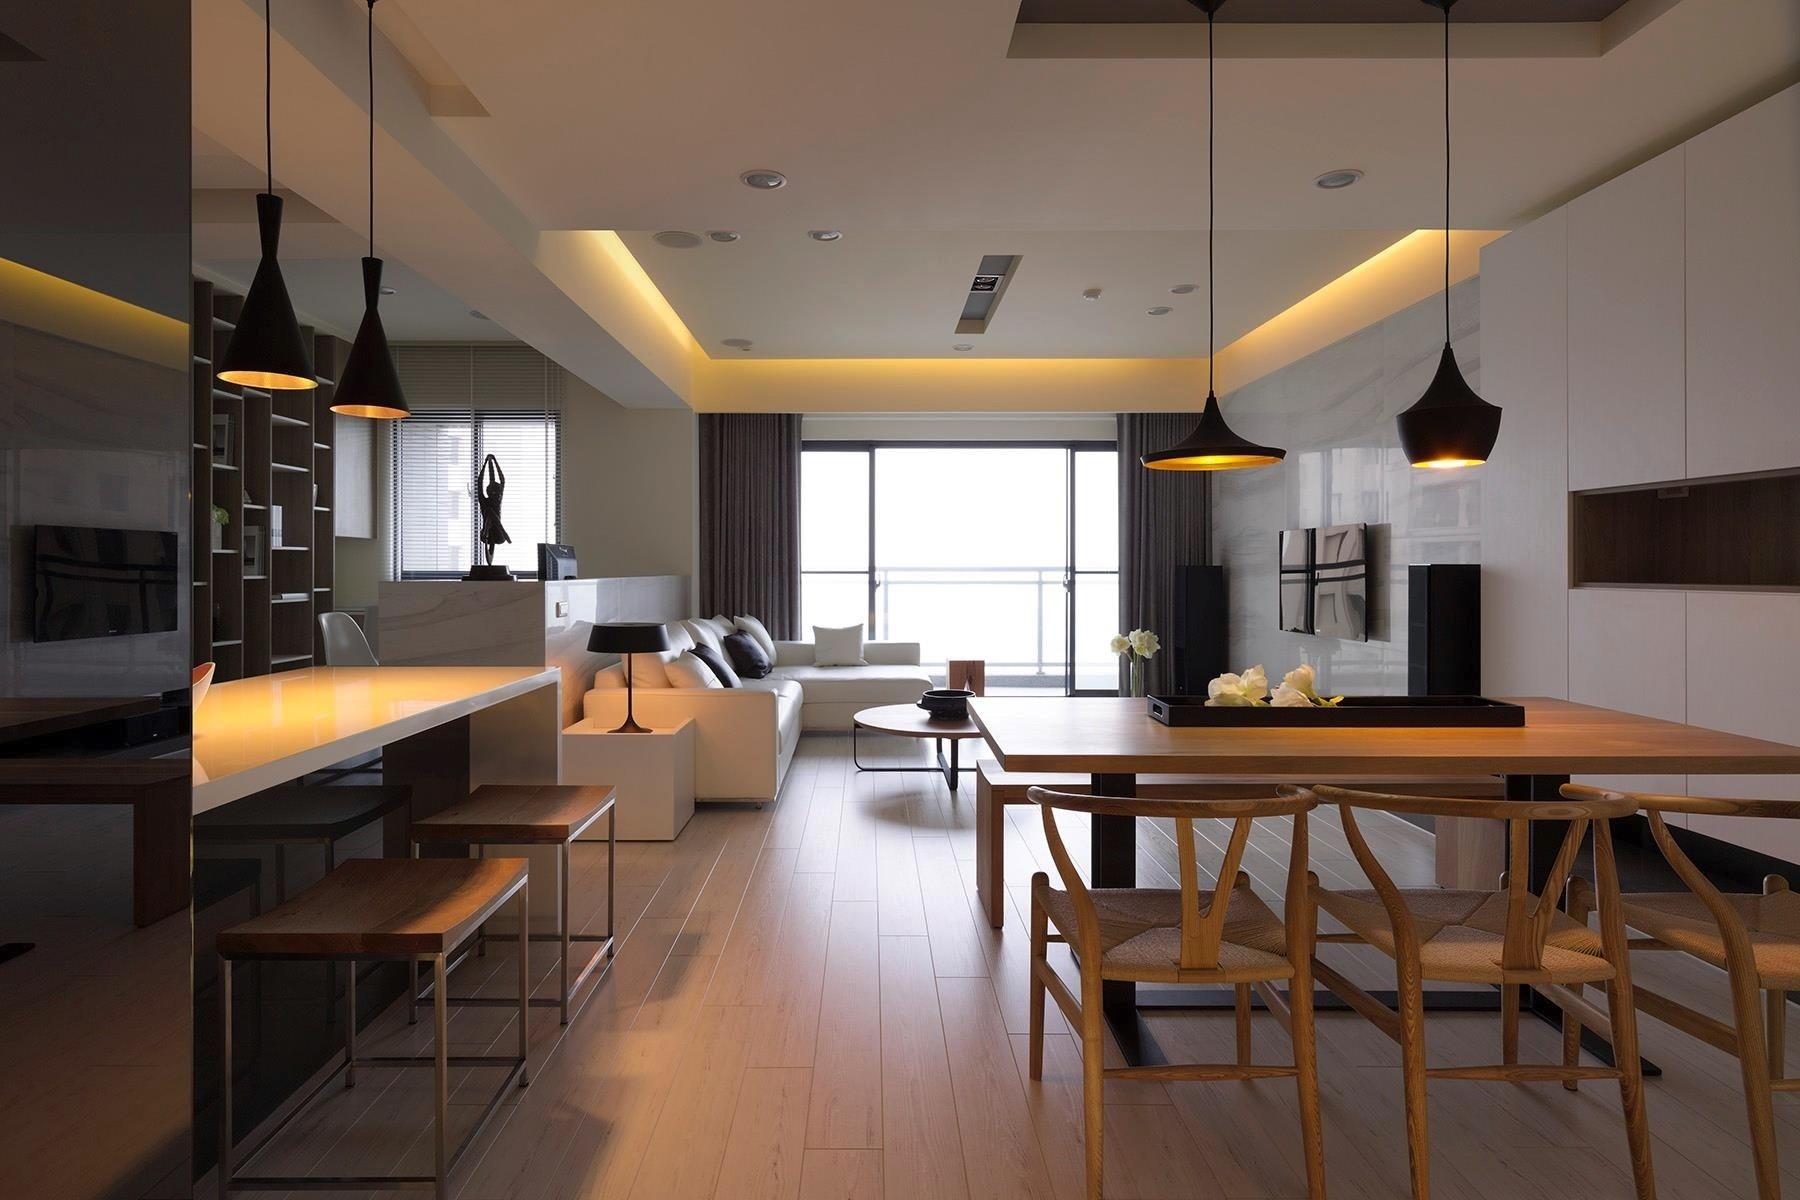 Stue i køkken